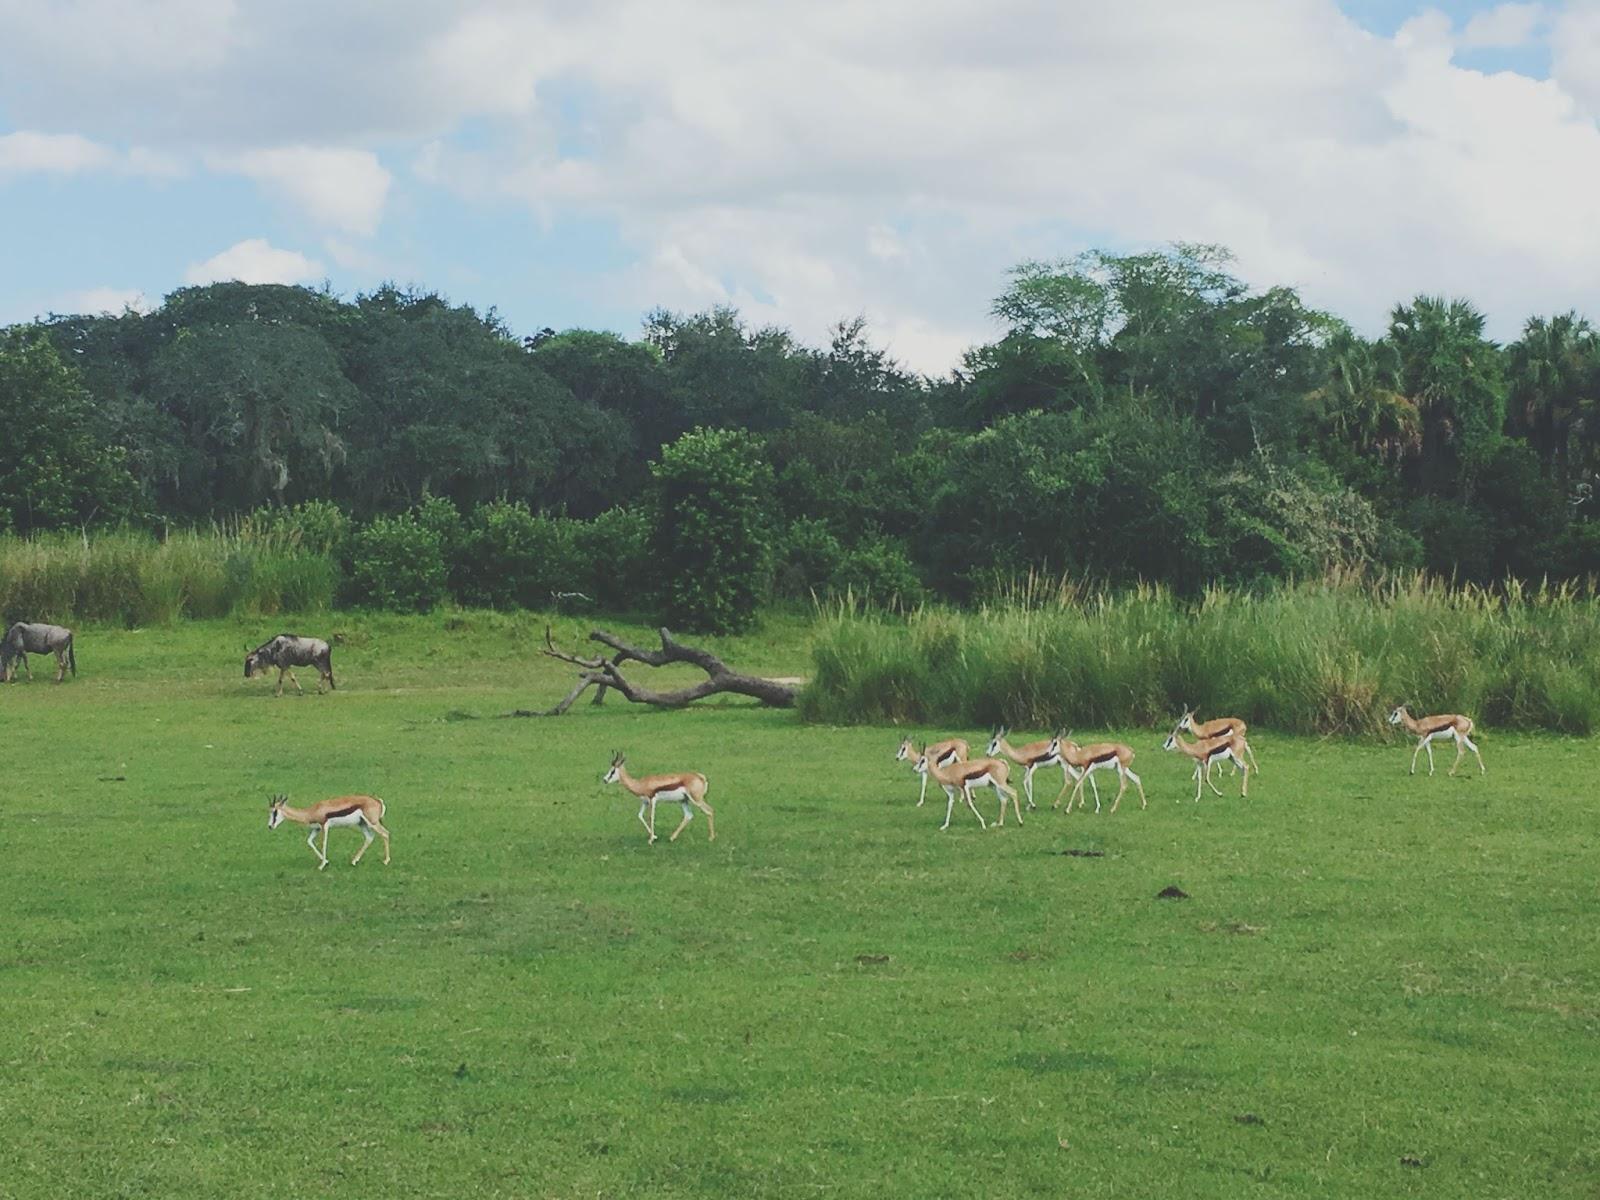 safari at Animal Kingdom in Disney World, Florida